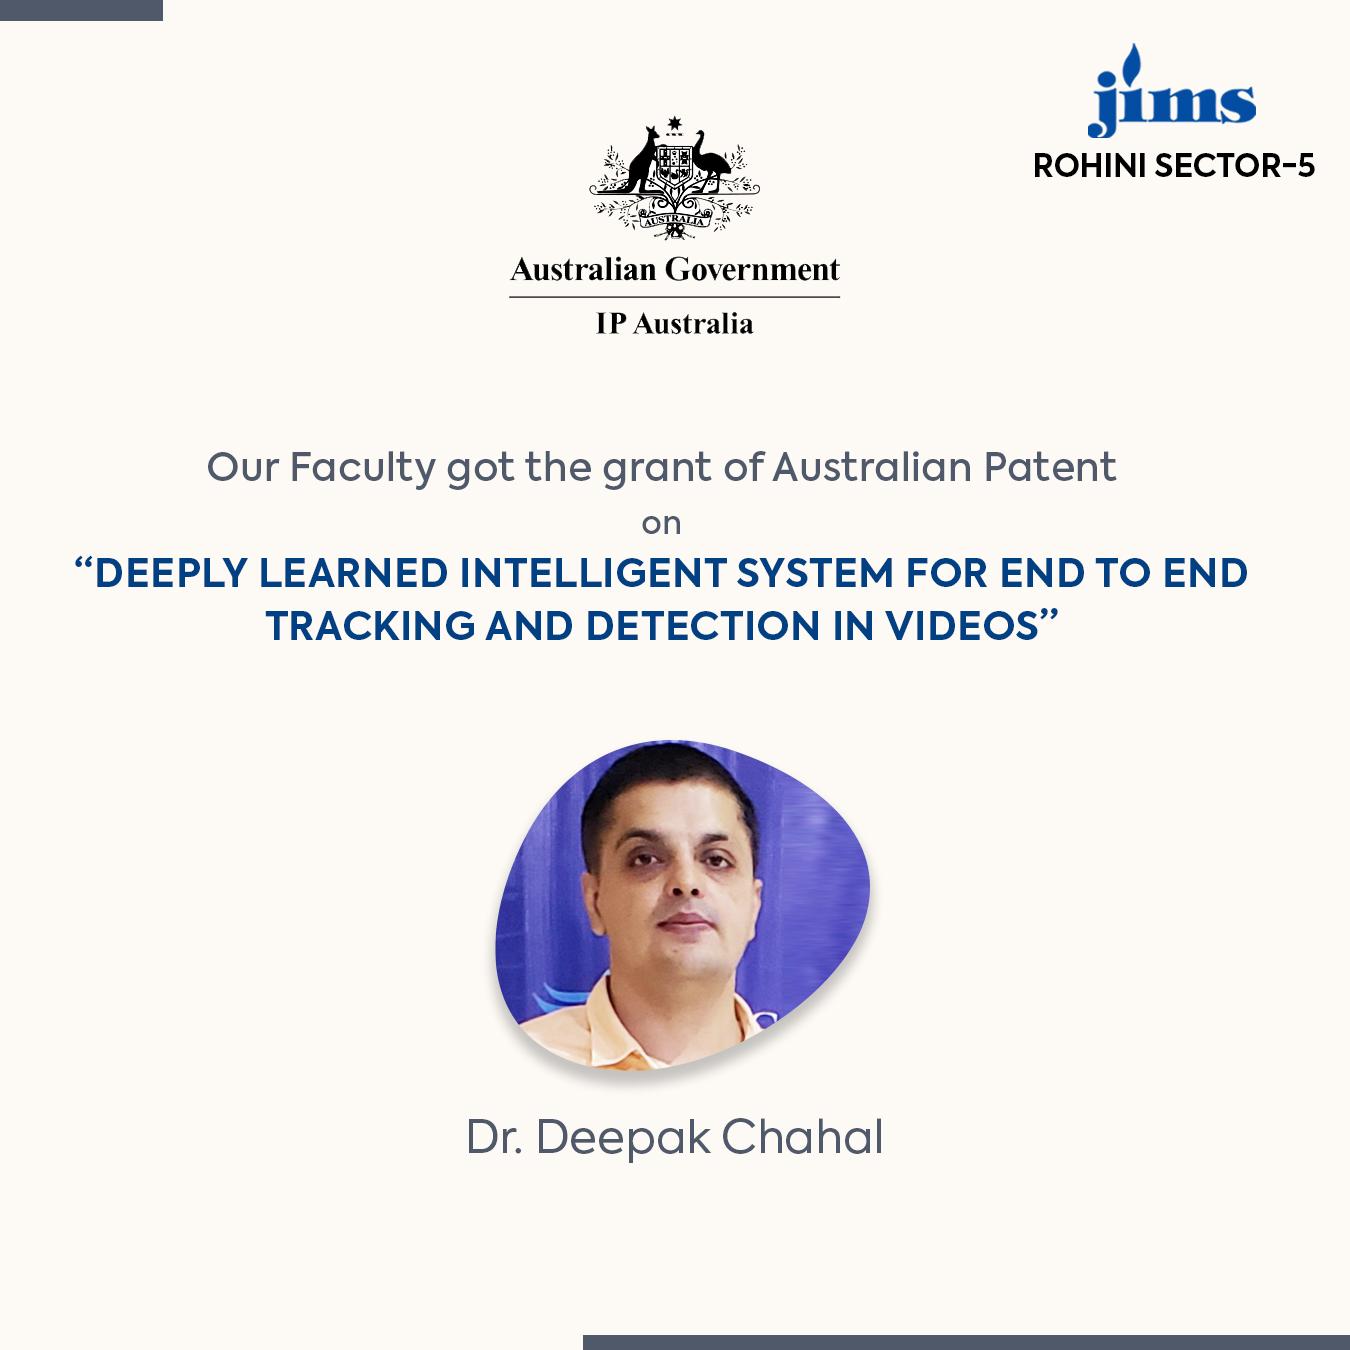 Dr. Deepak Chahal JIMS Rohini